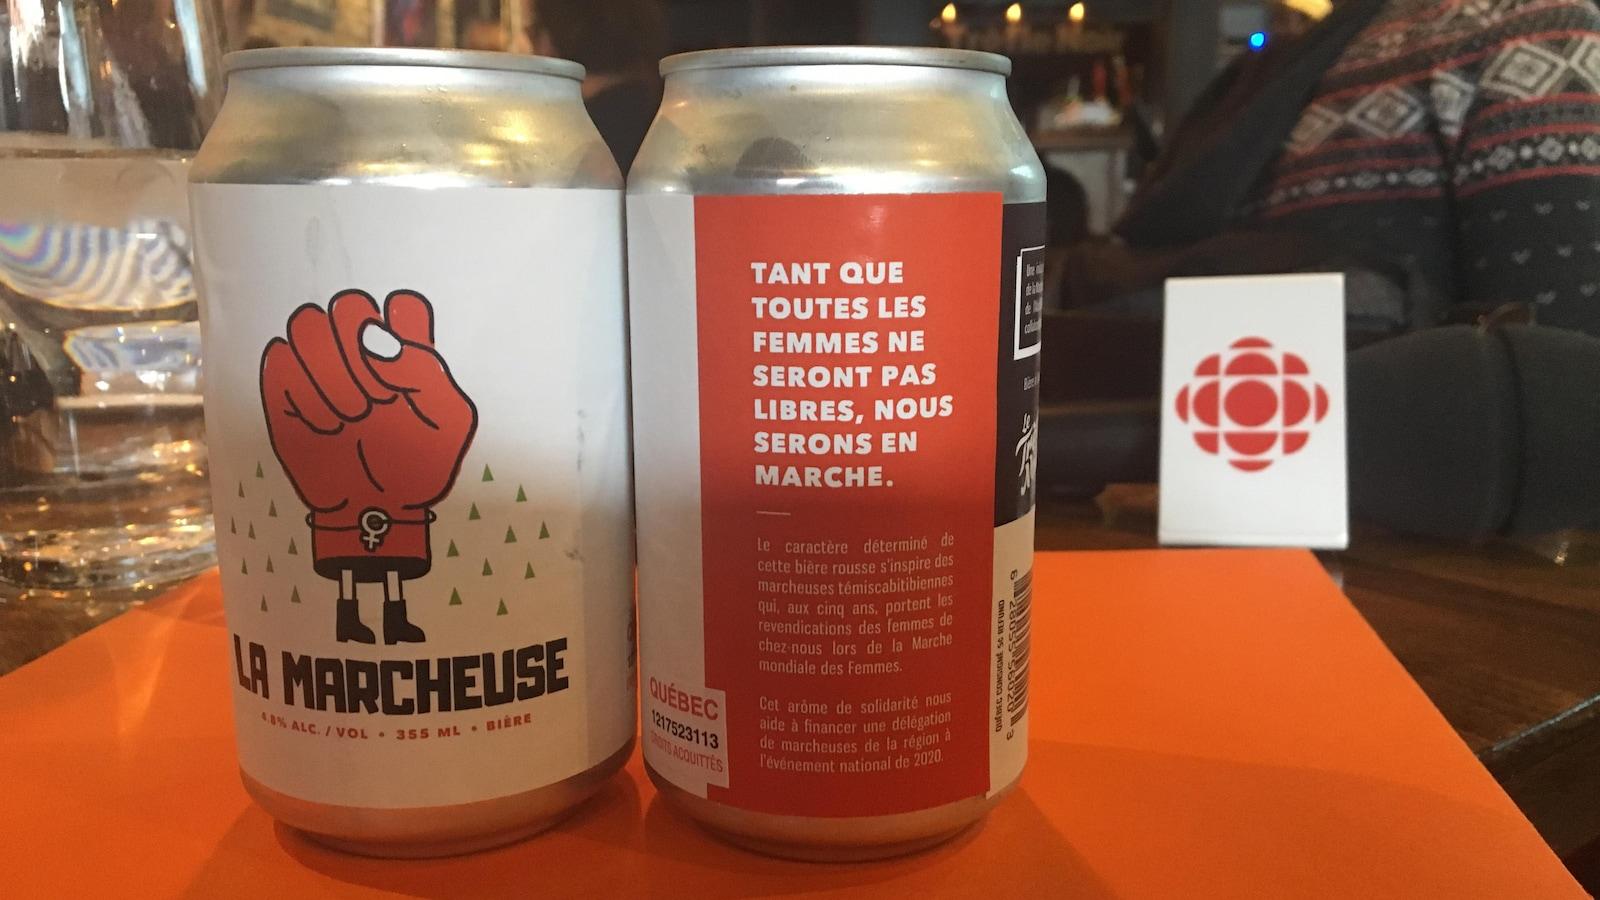 Deux canettes de bière avec un logo en forme de poing levé intitulées La Marcheuse.